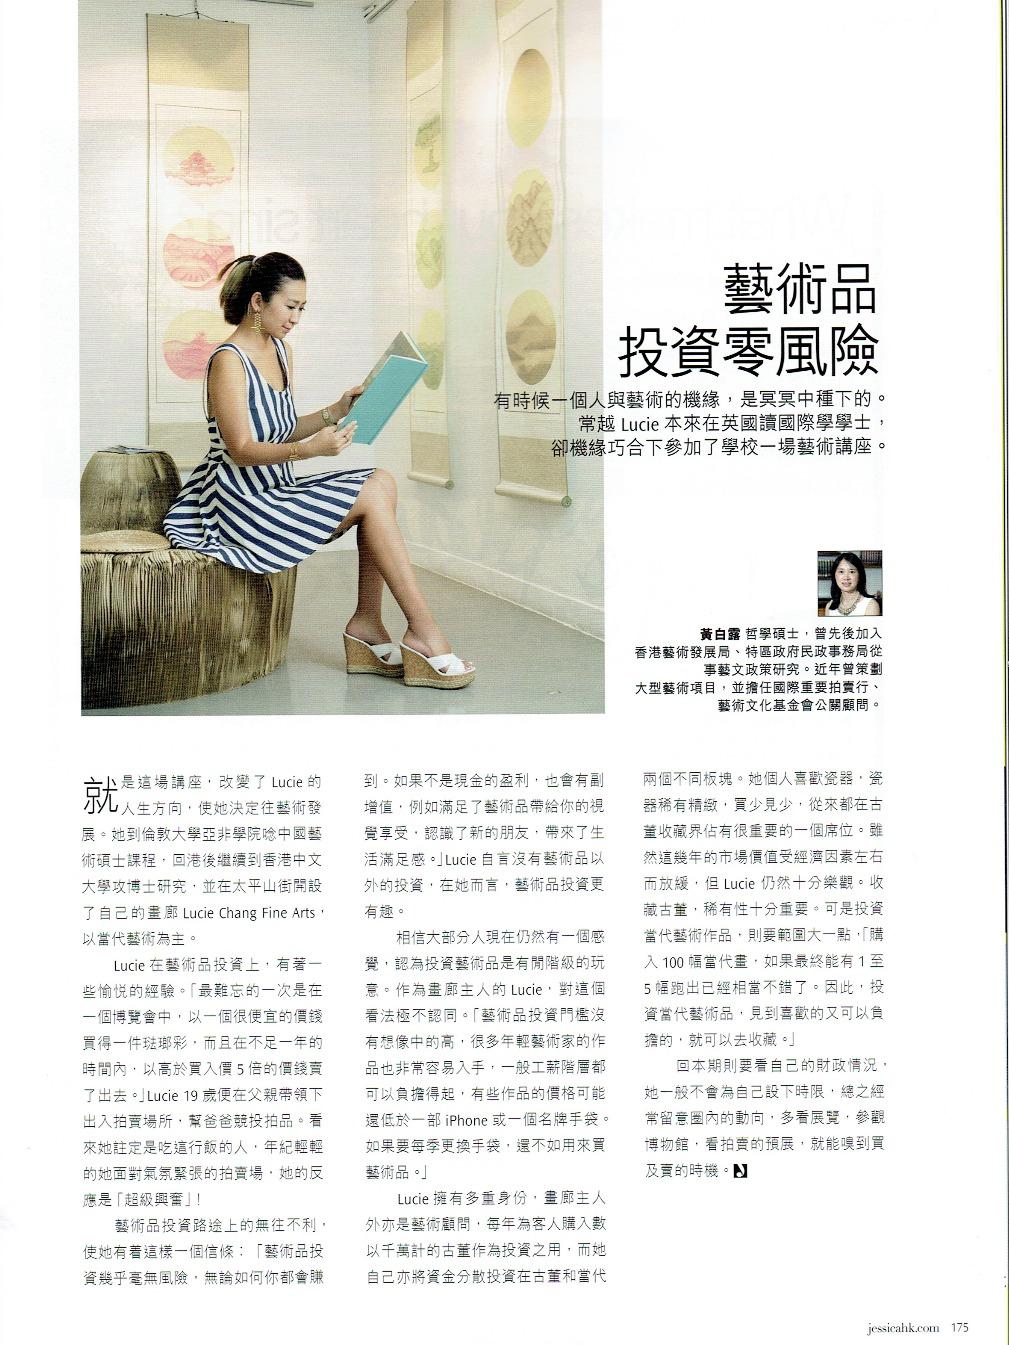 Jessica/Money_Sep No.195_p.175